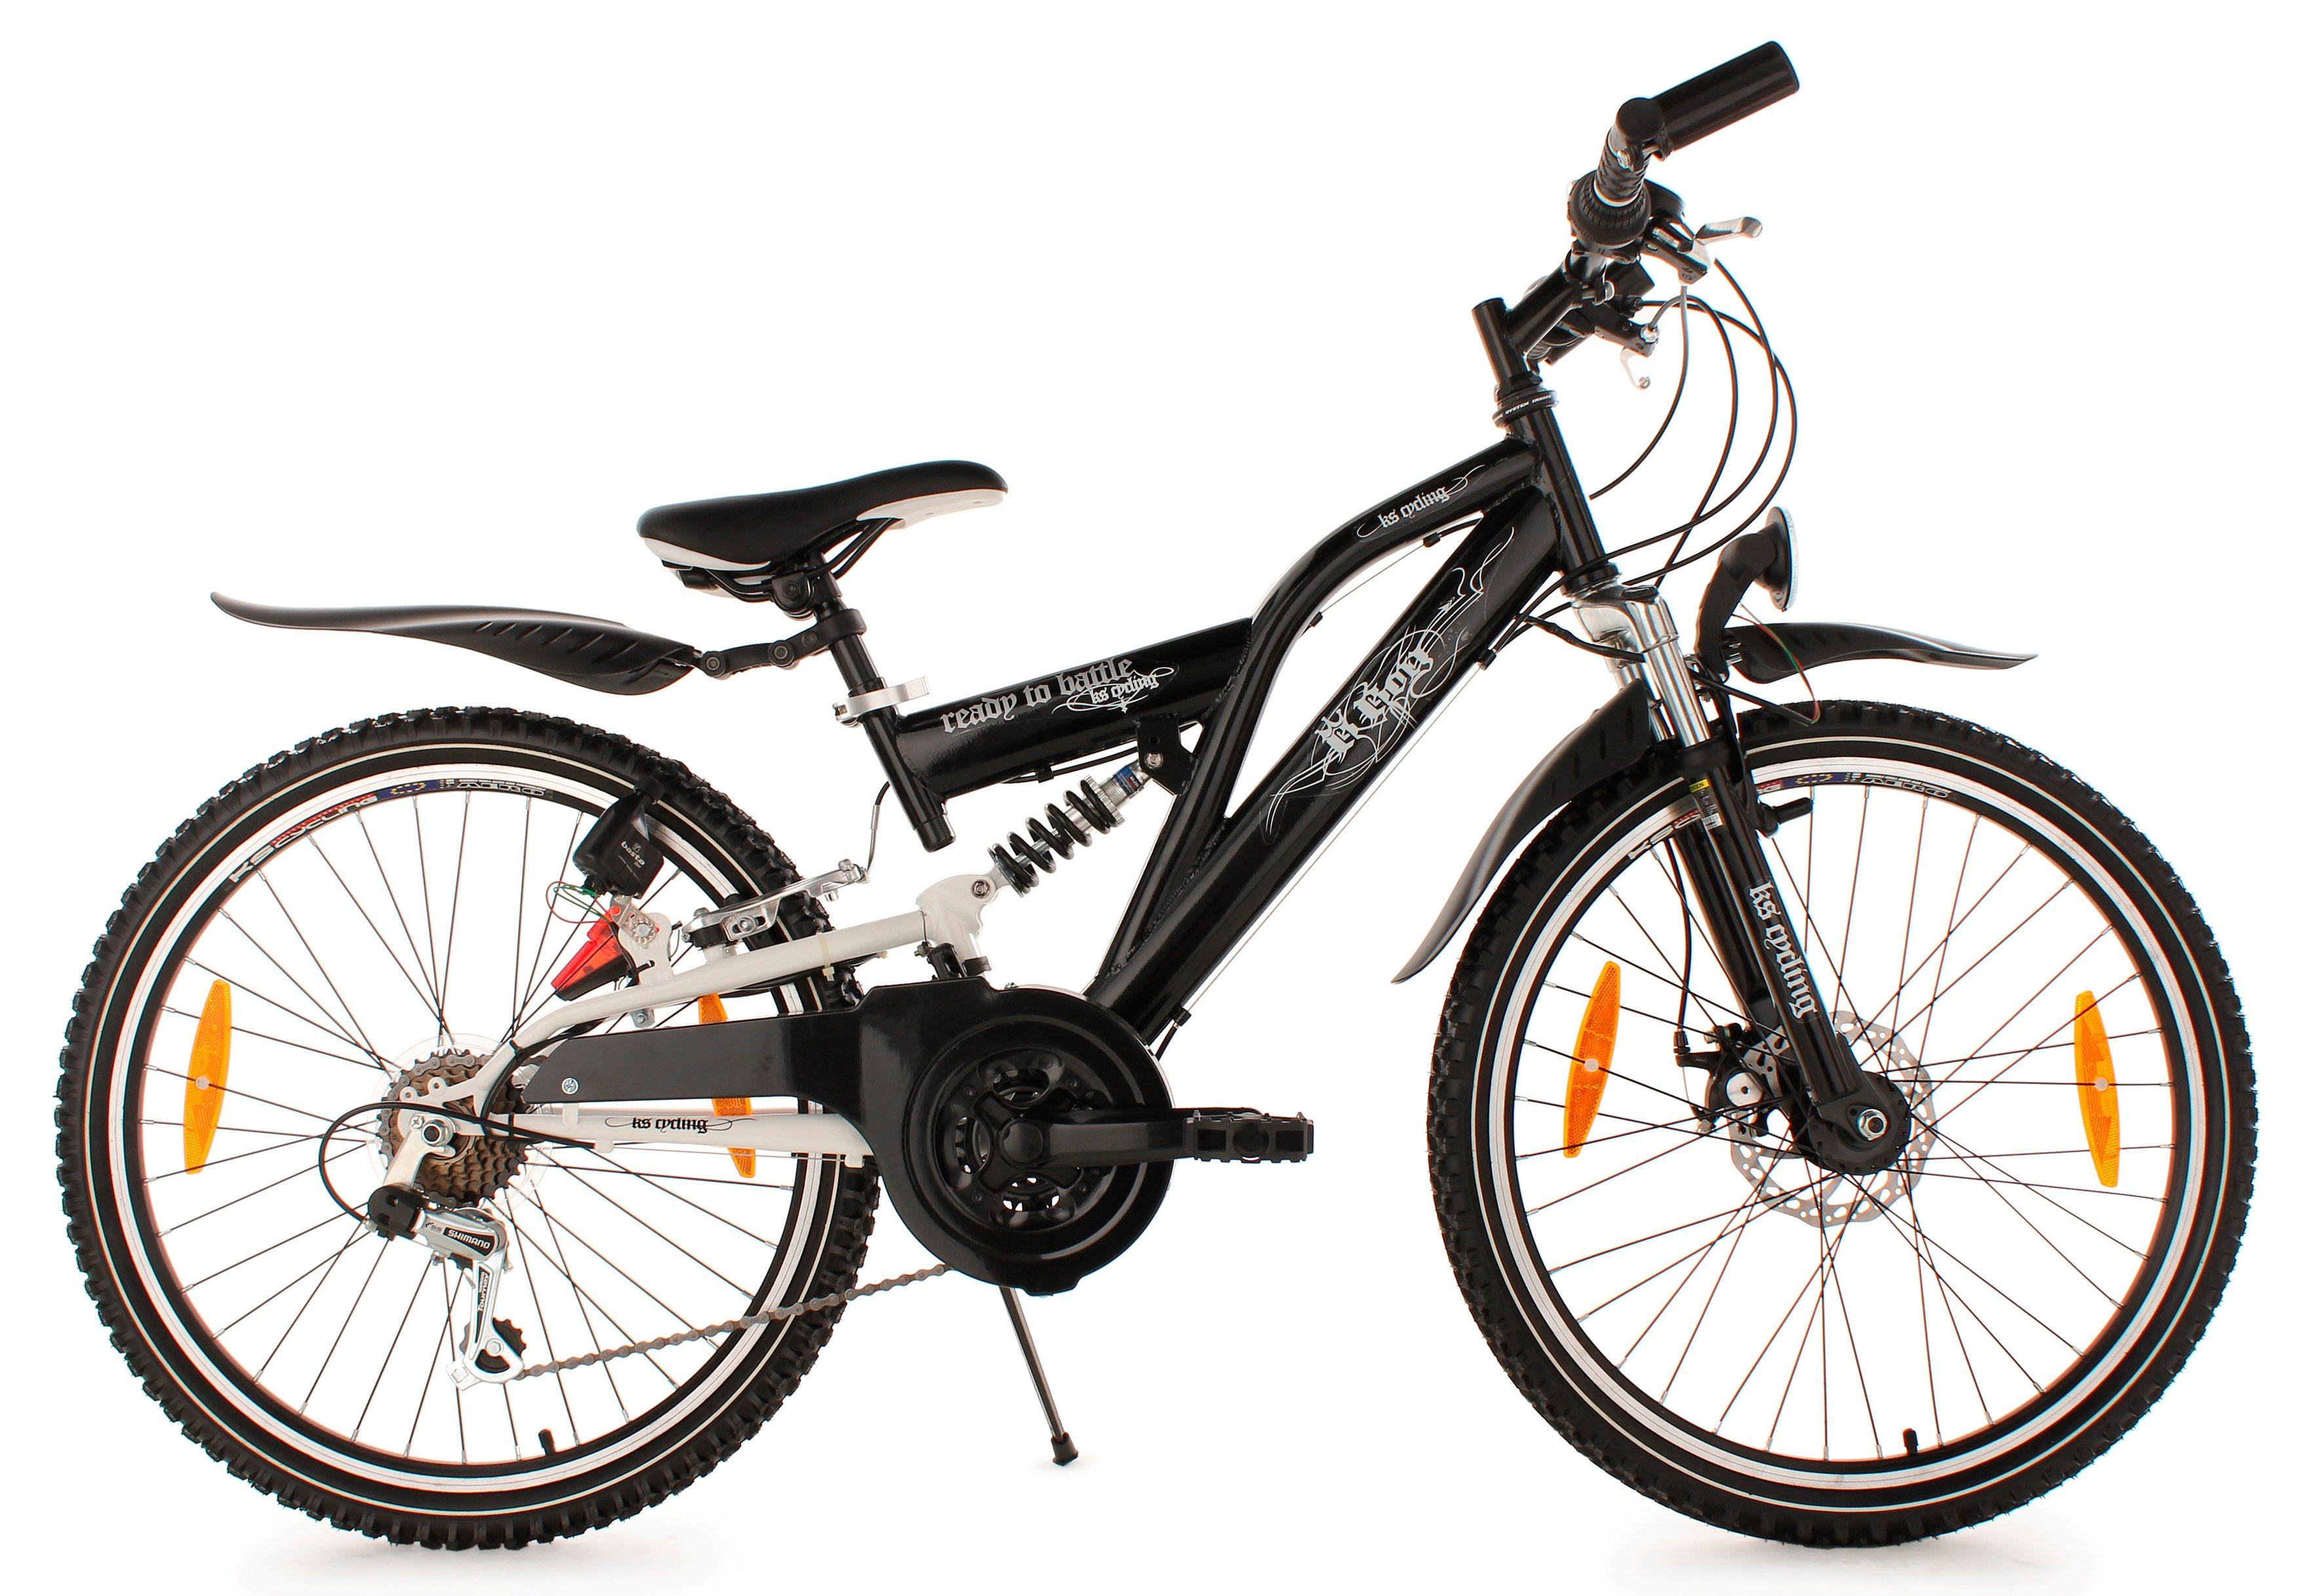 Jugend Mountainbike, 24 Zoll, schwarz, 18-Gang-Kettenschaltung, »B-Boy«, KS Cycling